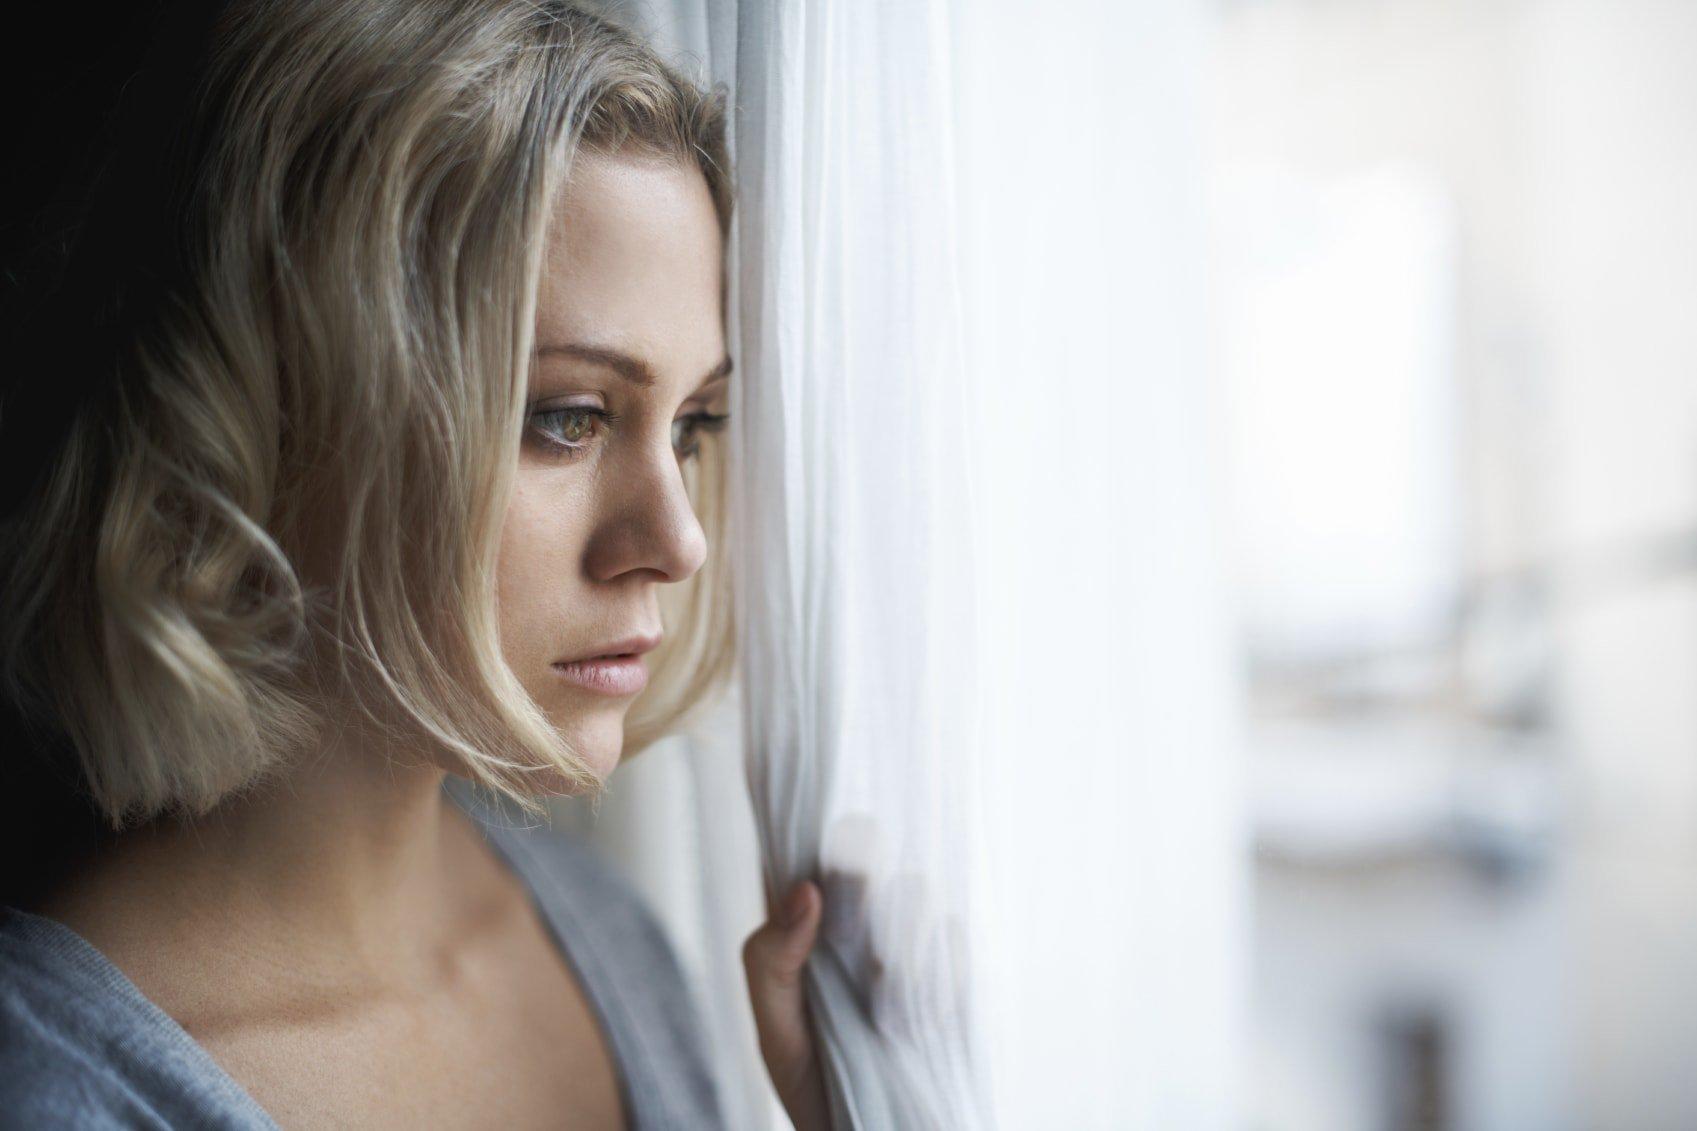 Картинки с грустными женщинами, месяцев картинках